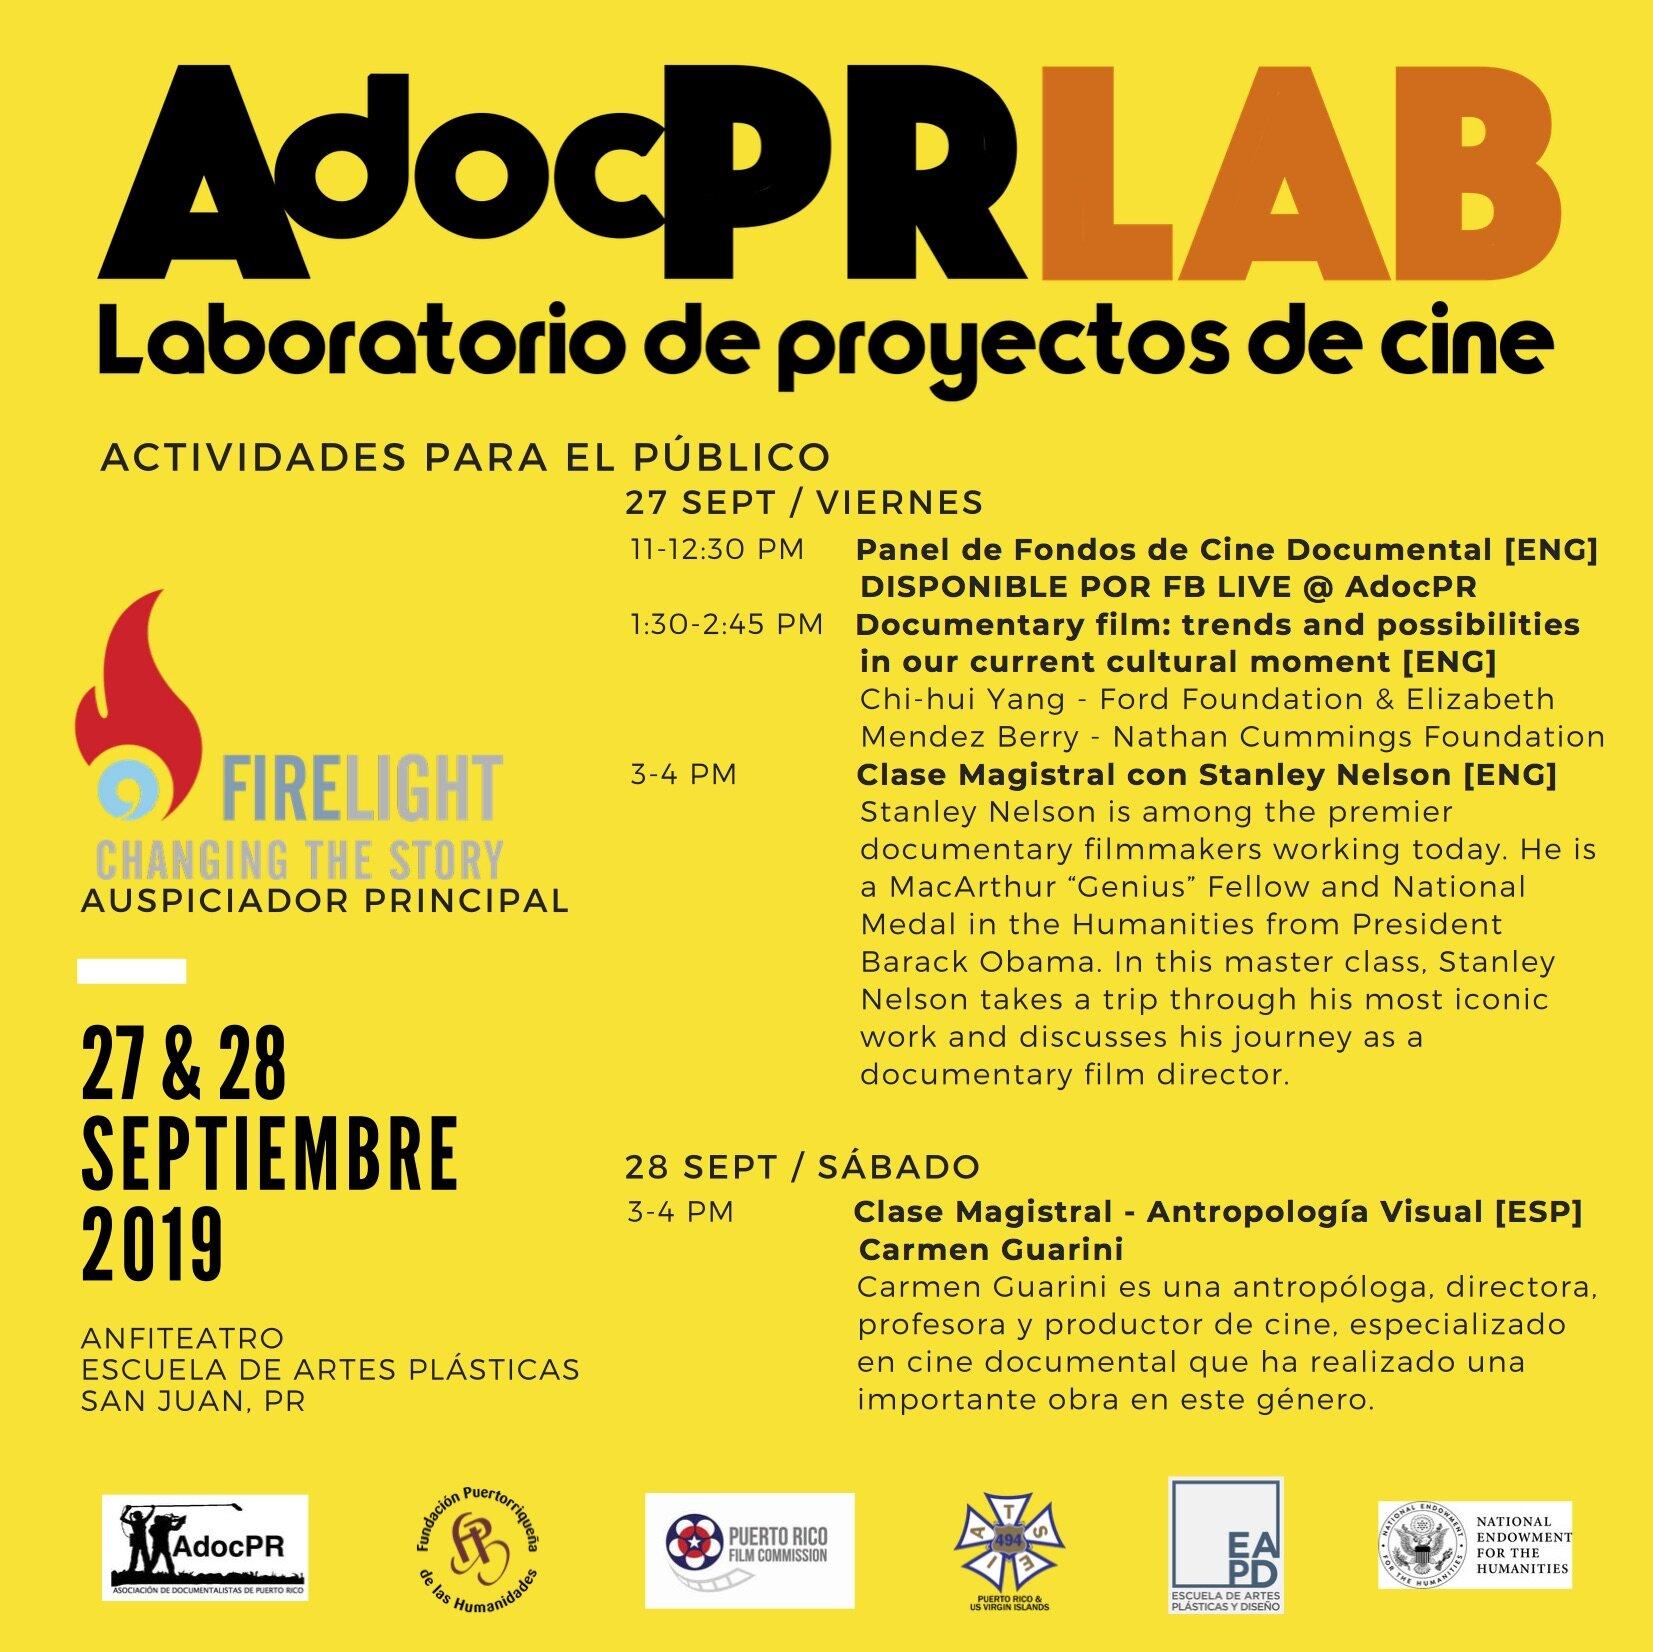 Promo Conferencias - AdocPR LAB (1).jpg